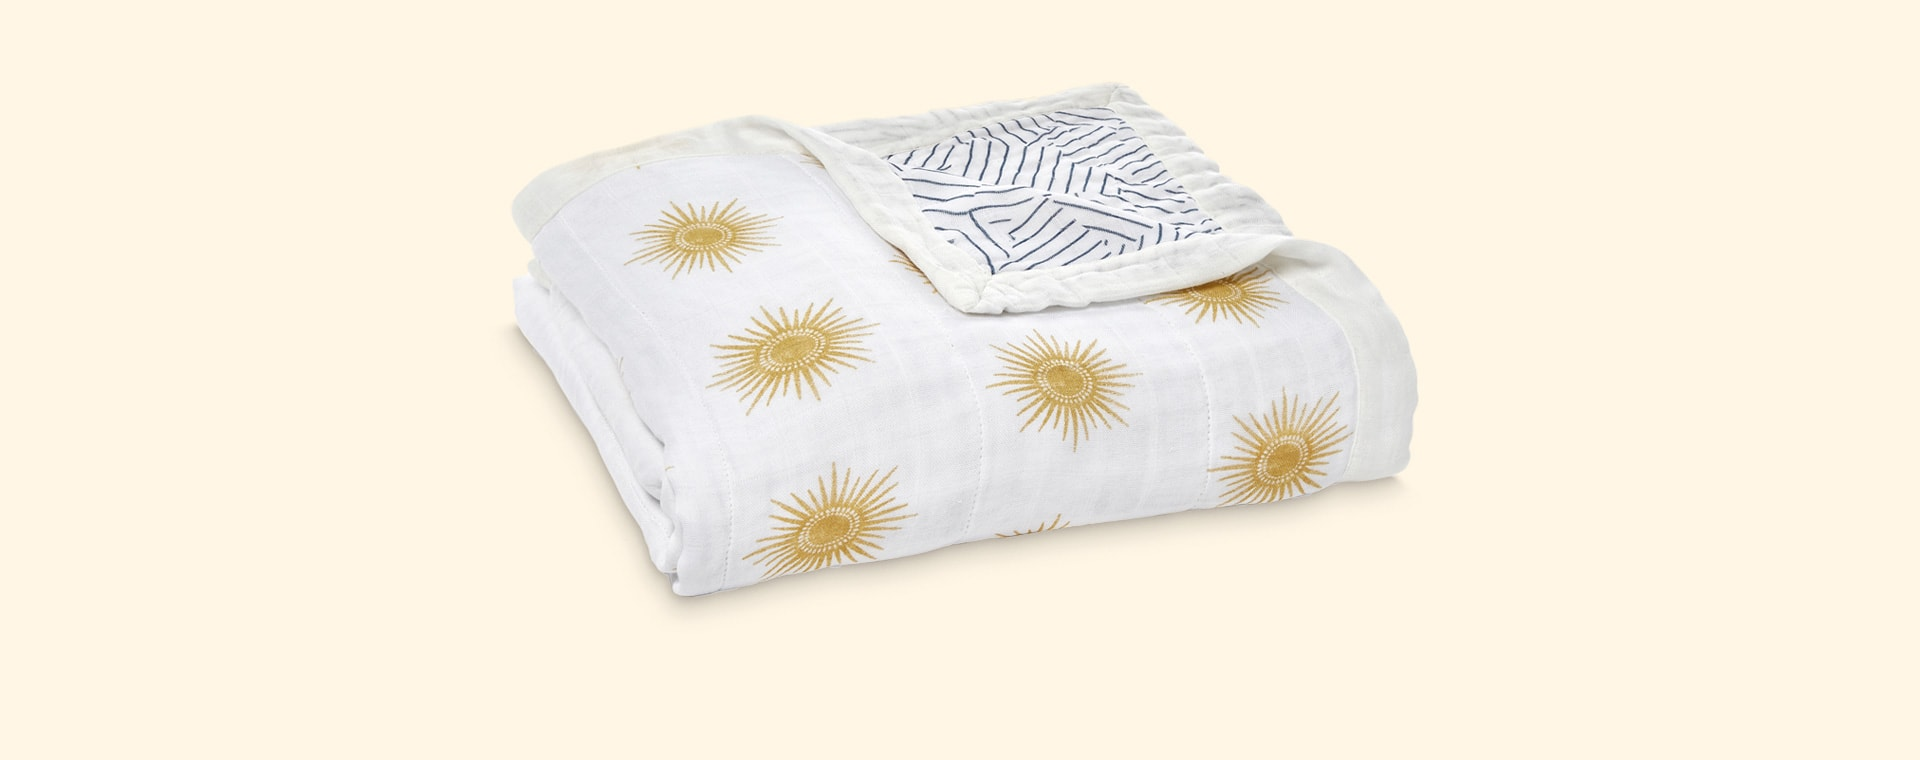 Golden Sun aden + anais Silky Soft Dream Blanket